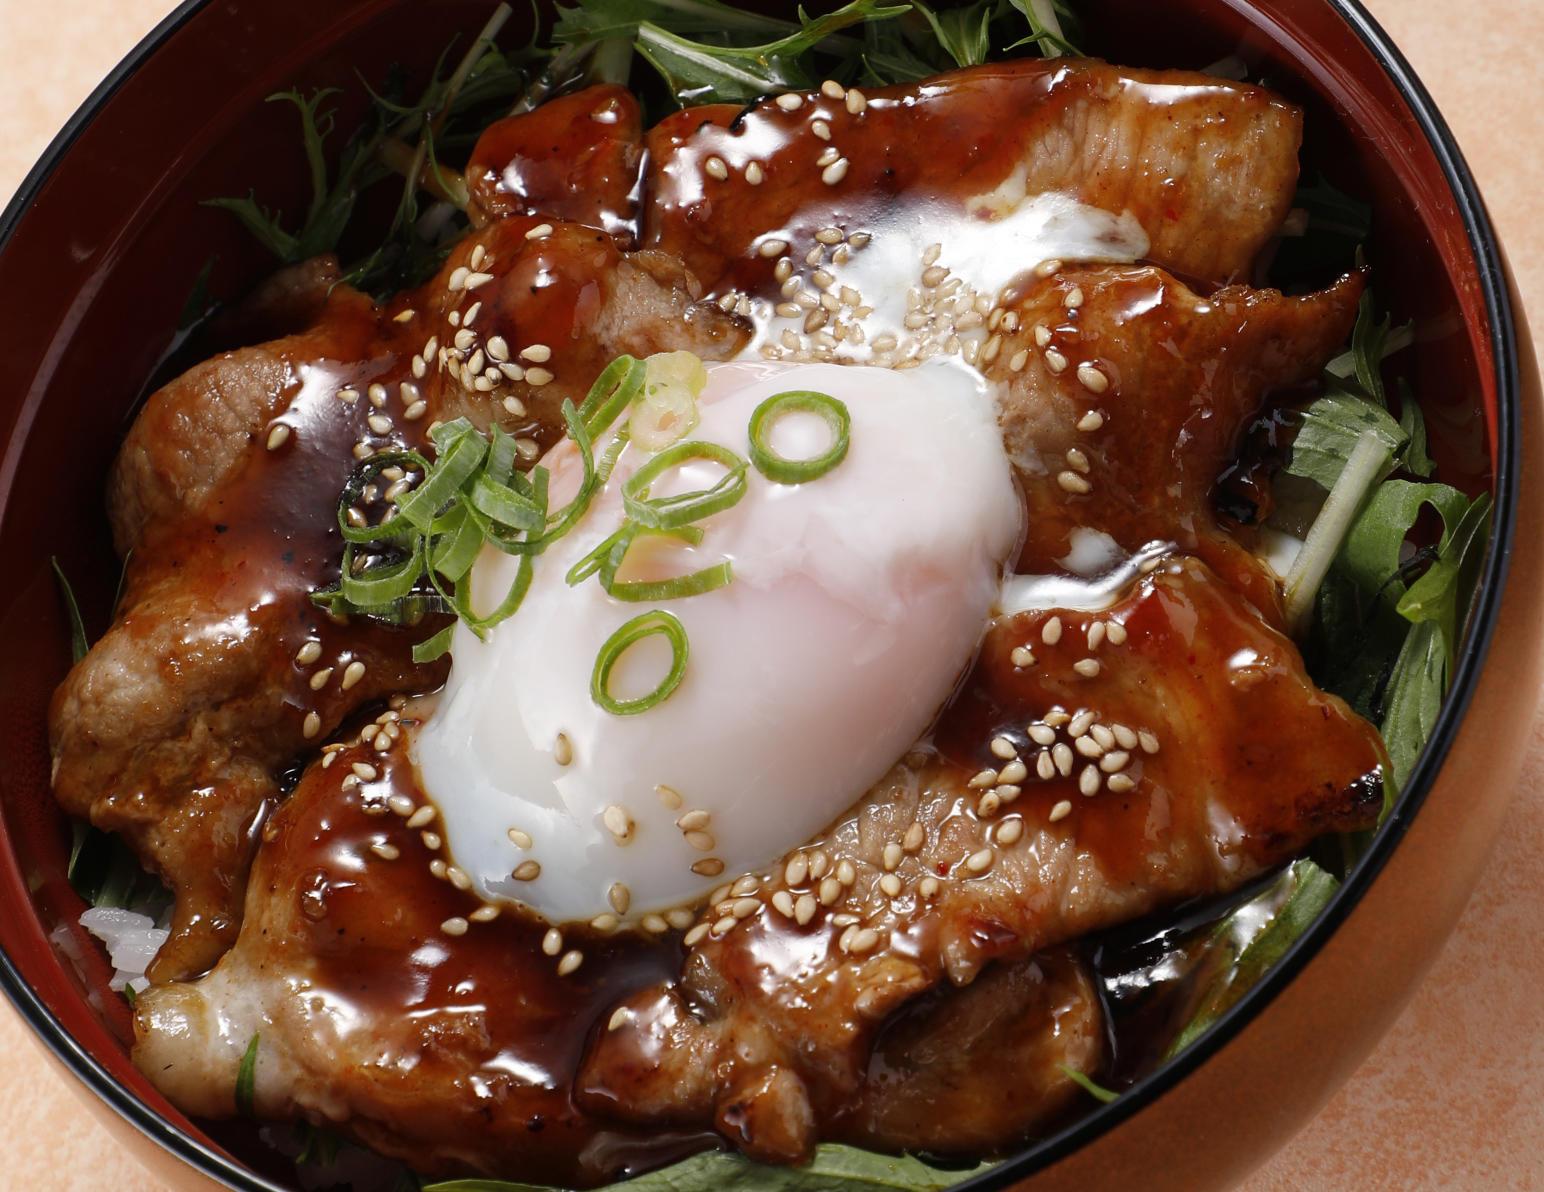 第2位「さくらポークの豚丼(タレ)」のイメージ画像